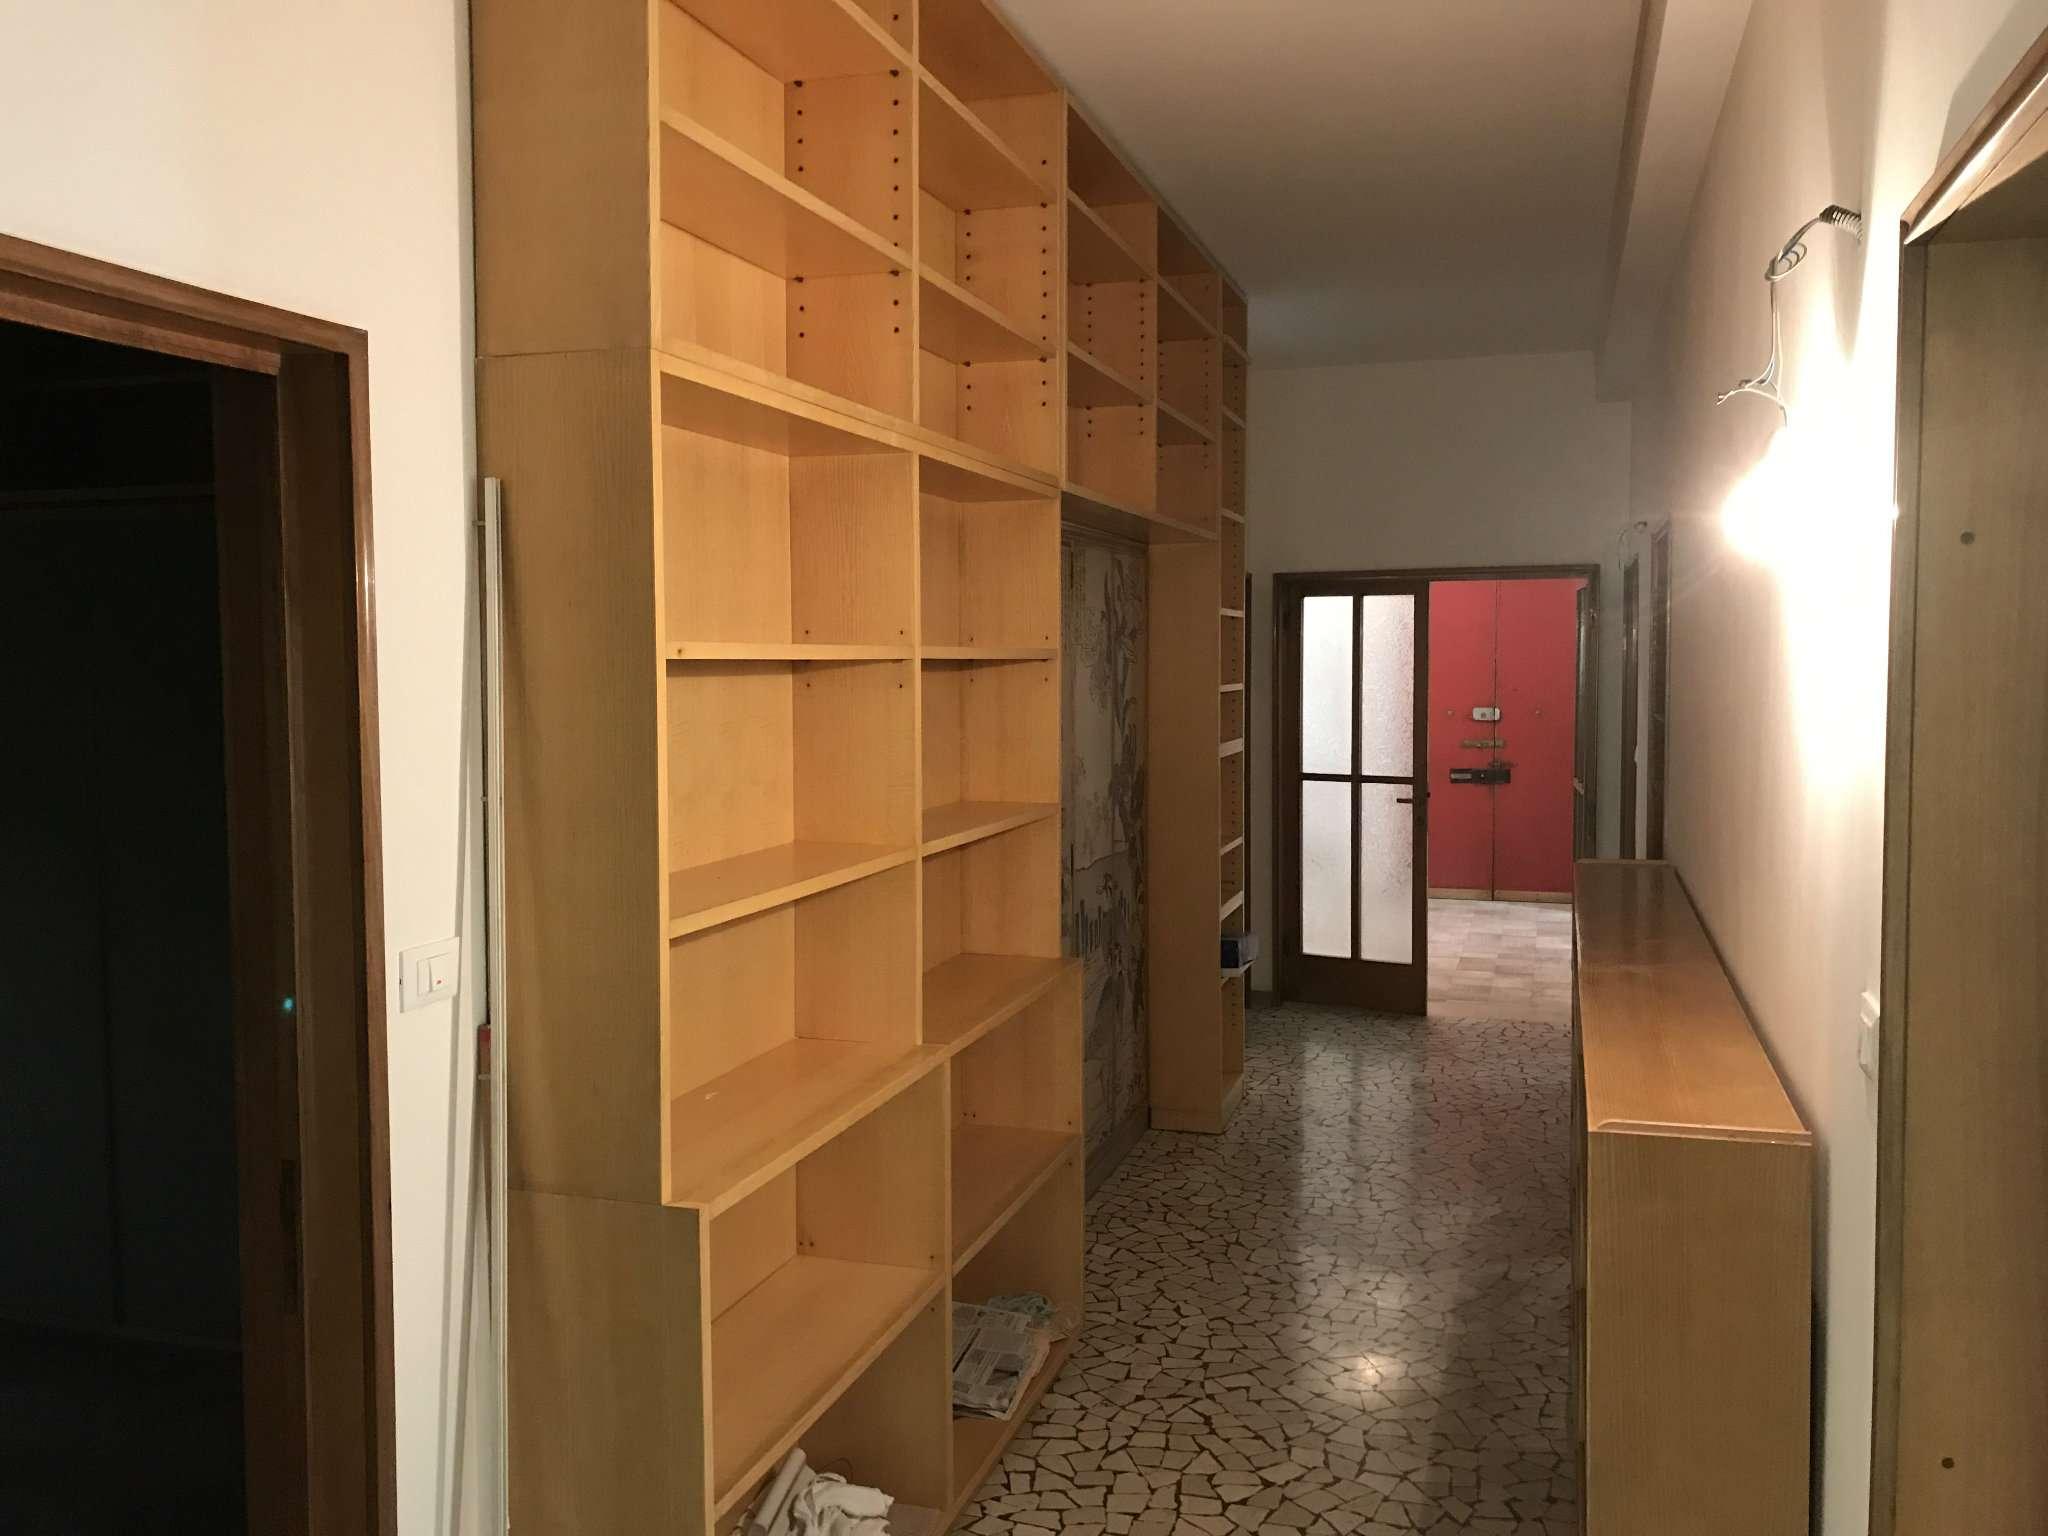 Appartamento in vendita a Bologna, 9999 locali, zona Zona: 12 . Costa Saragozza/Saragozza, prezzo € 590.000 | CambioCasa.it